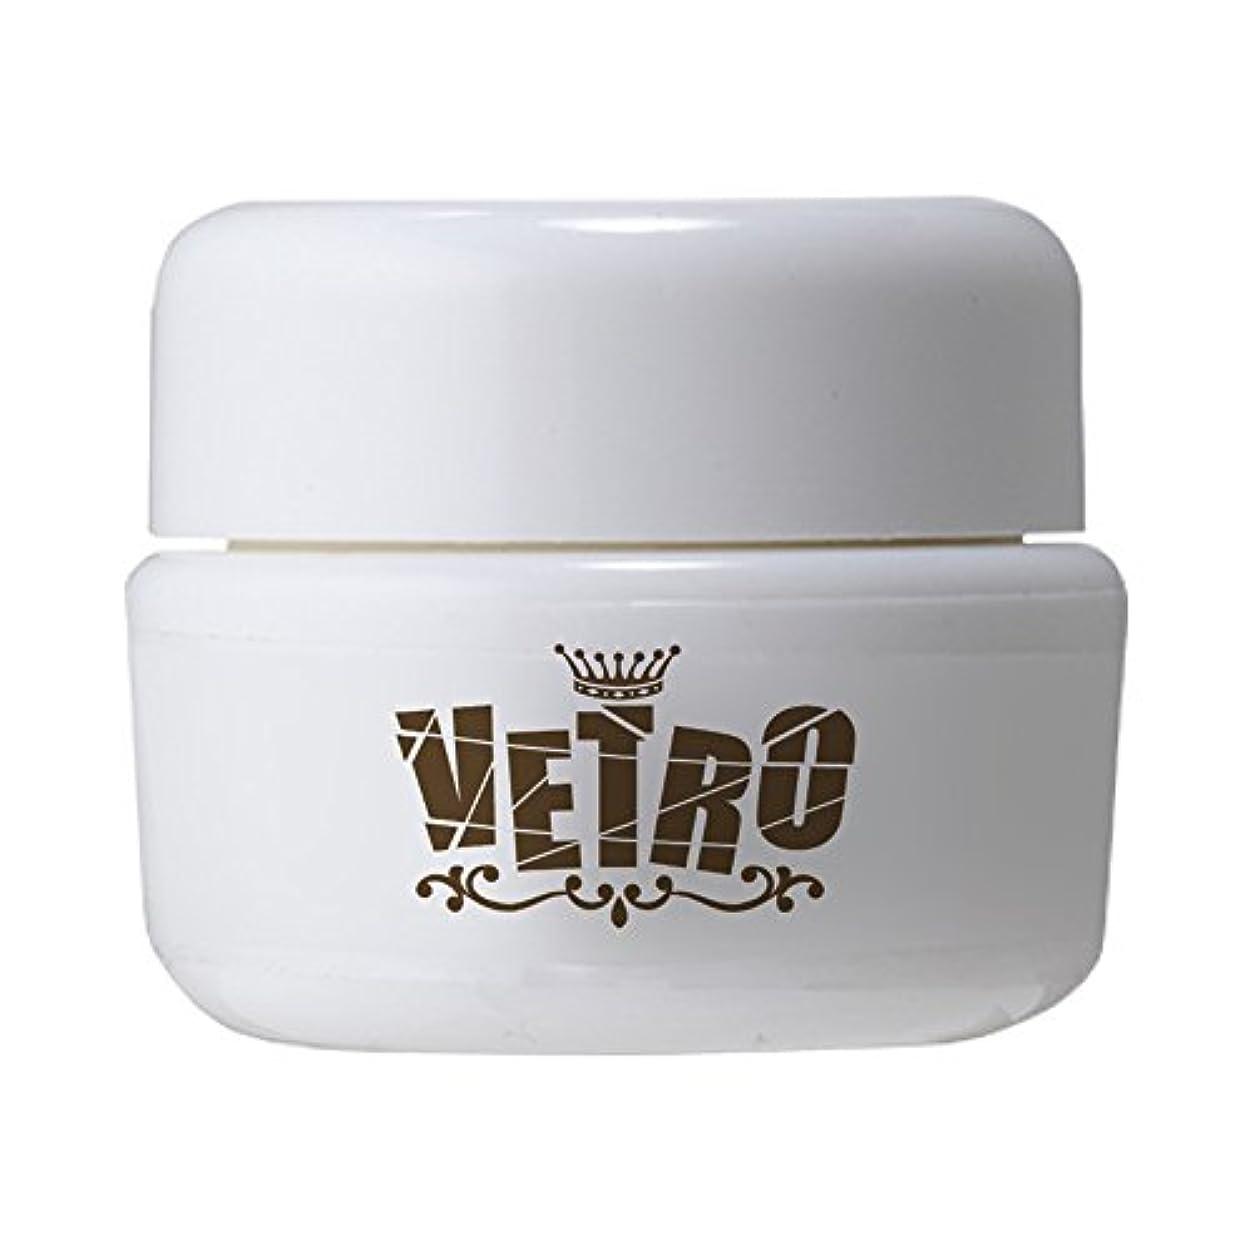 痛みパブ似ているVETRO カラージェル VL304 フェアリーブルー 4ml テクスチャー:ソフト パール?シアー UV/LED対応